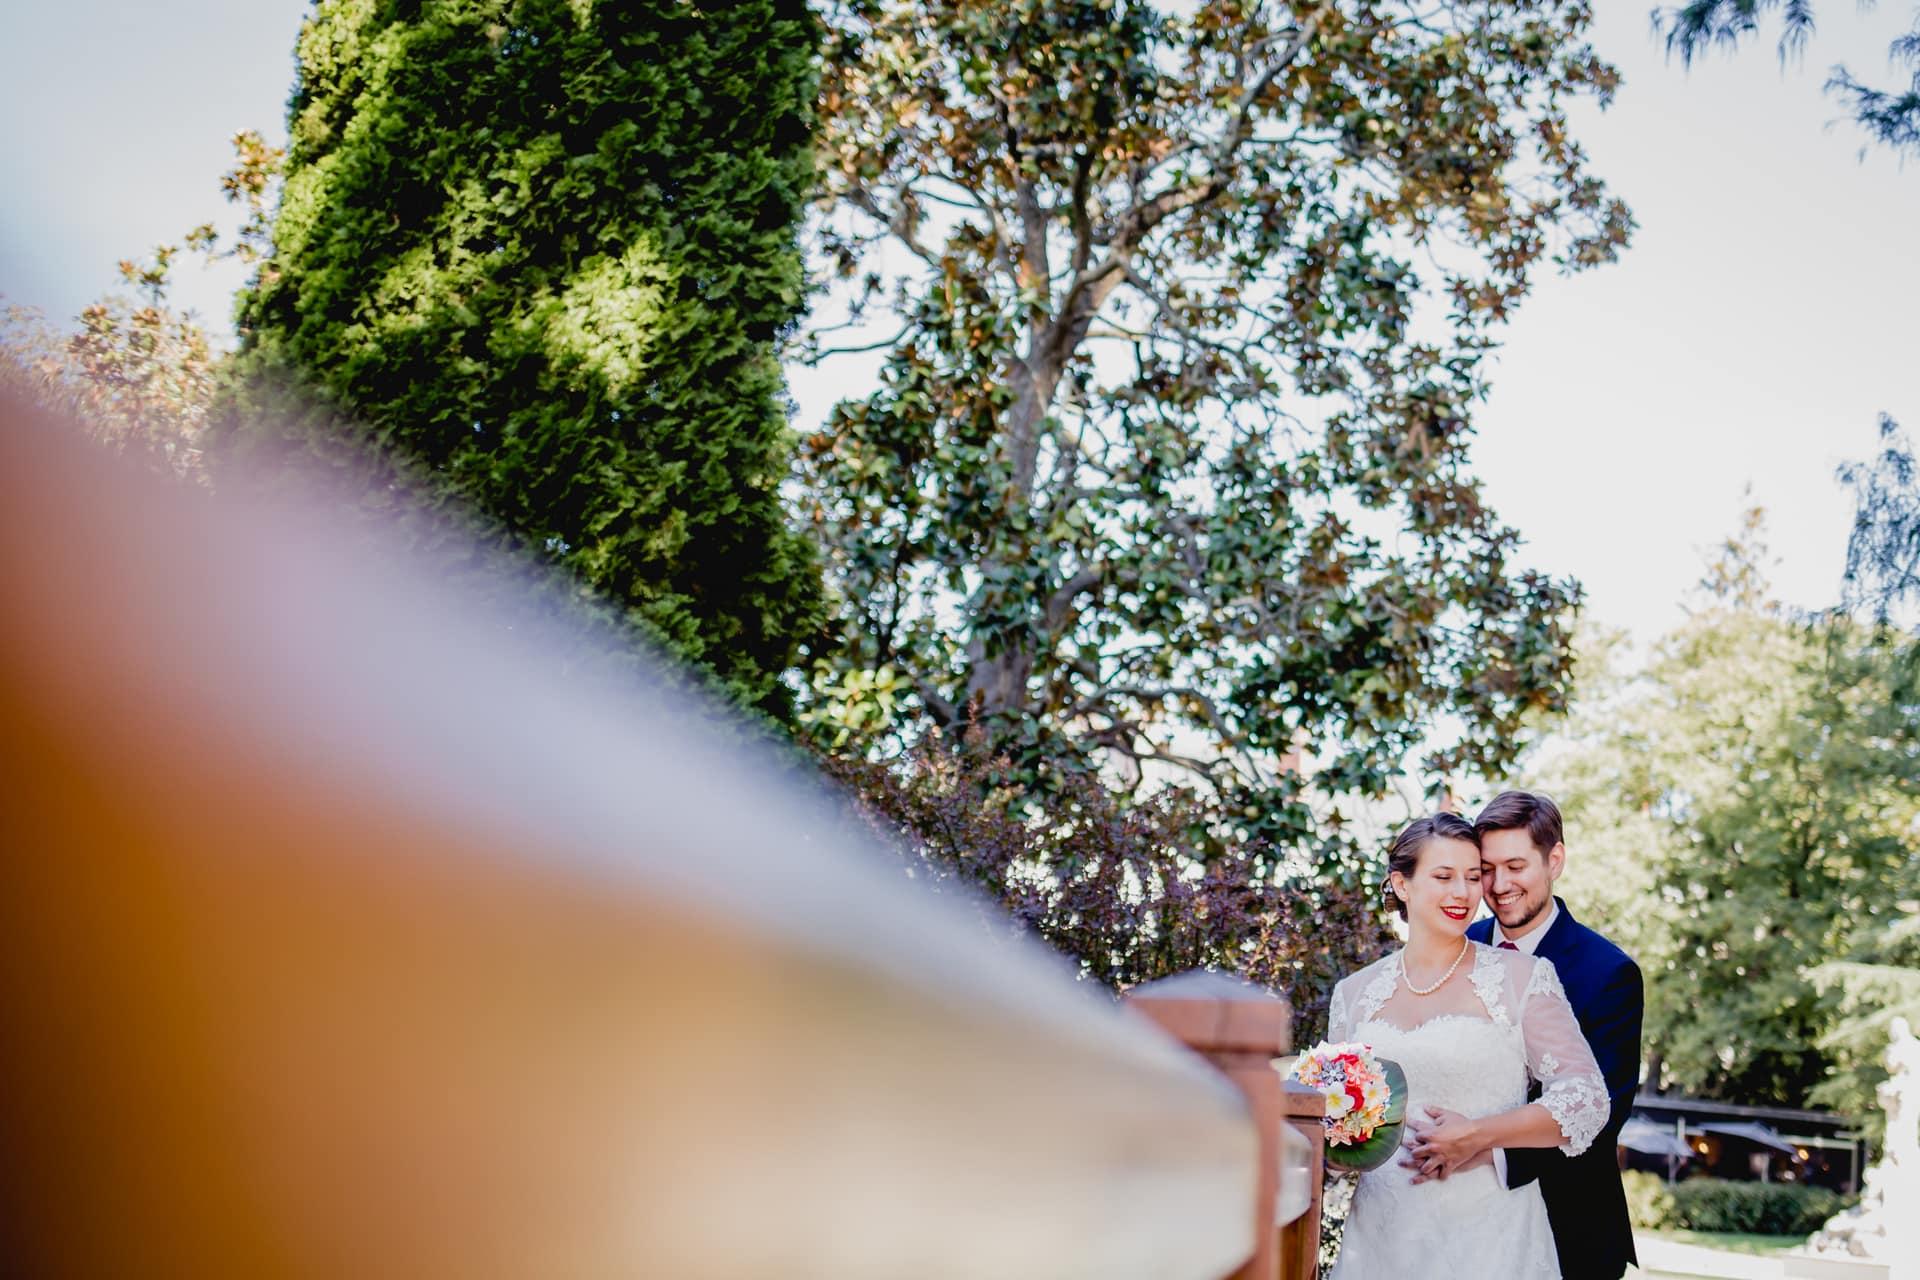 Shooting mariage, couple sur un pont, mariés tendre